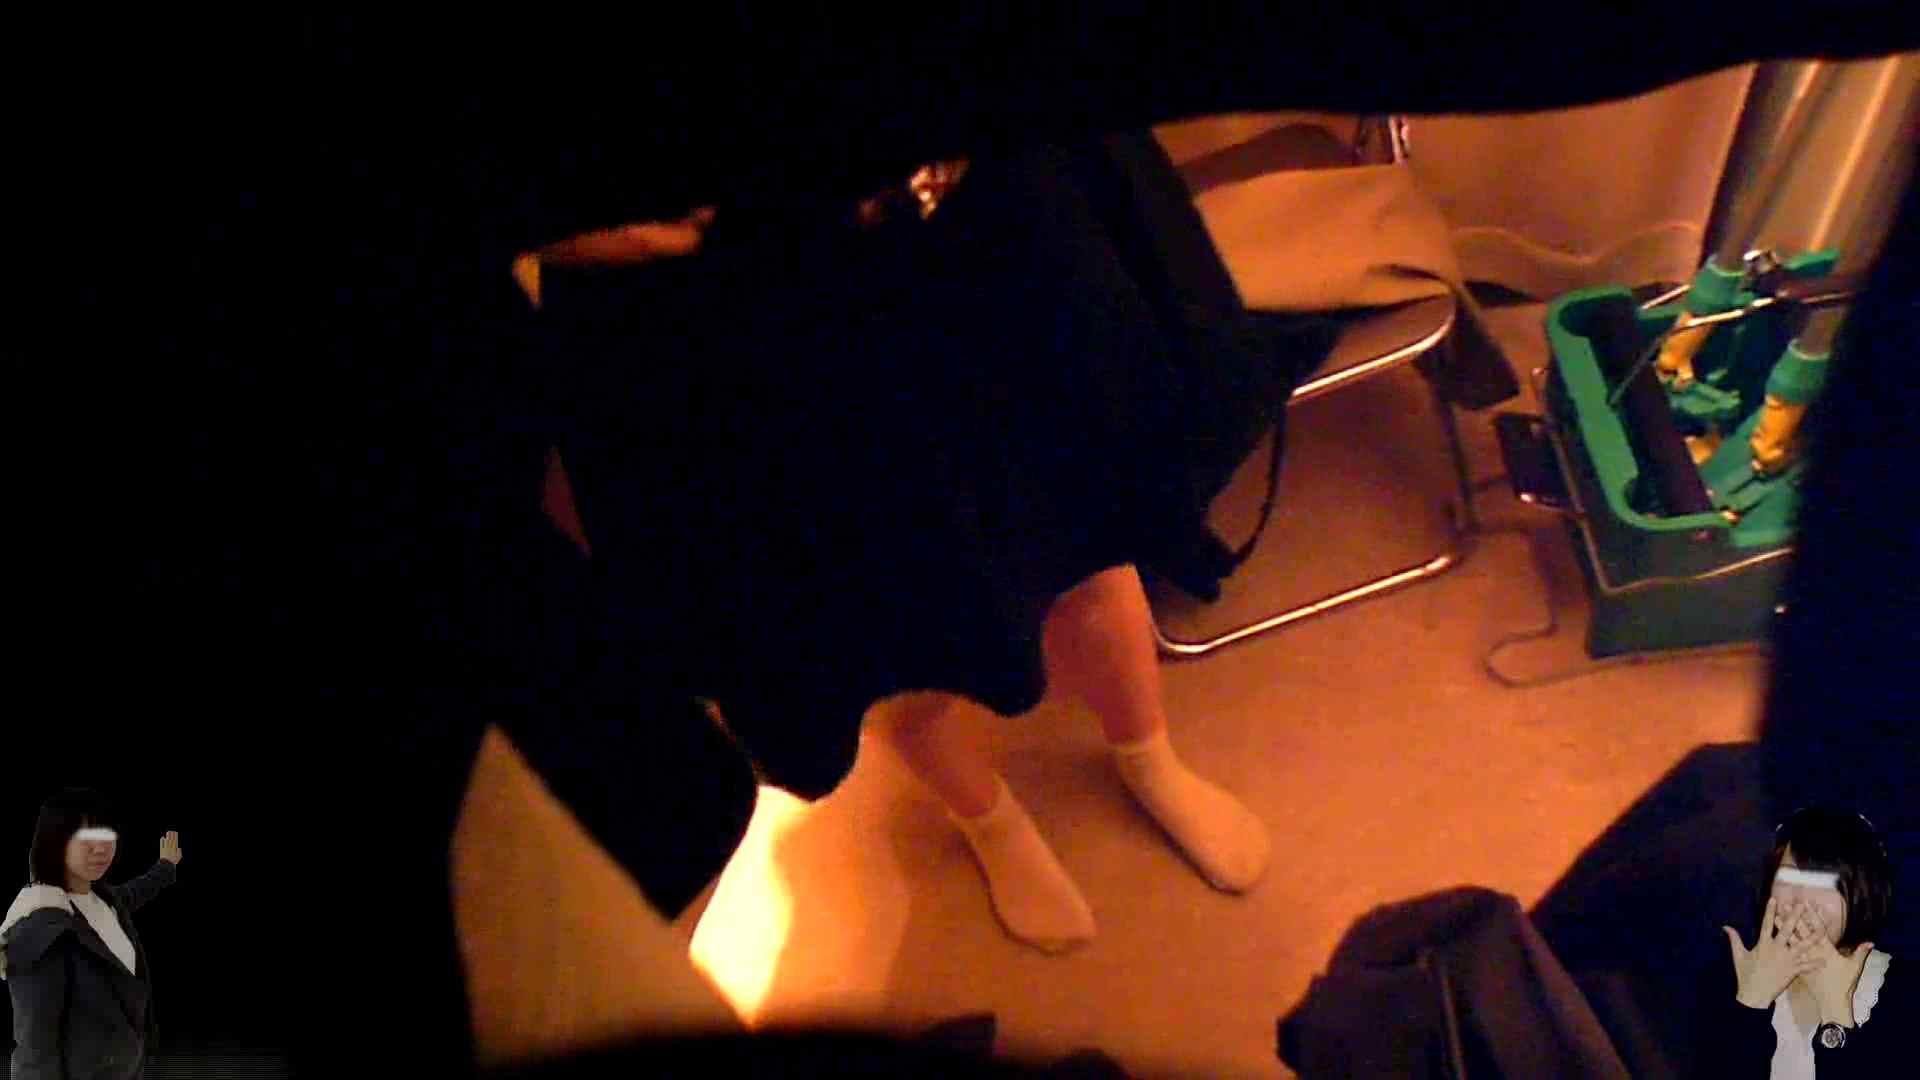 素人投稿 現役「JD」Eちゃんの着替え Vol.04 素人エロ投稿 盗撮動画紹介 60画像 47